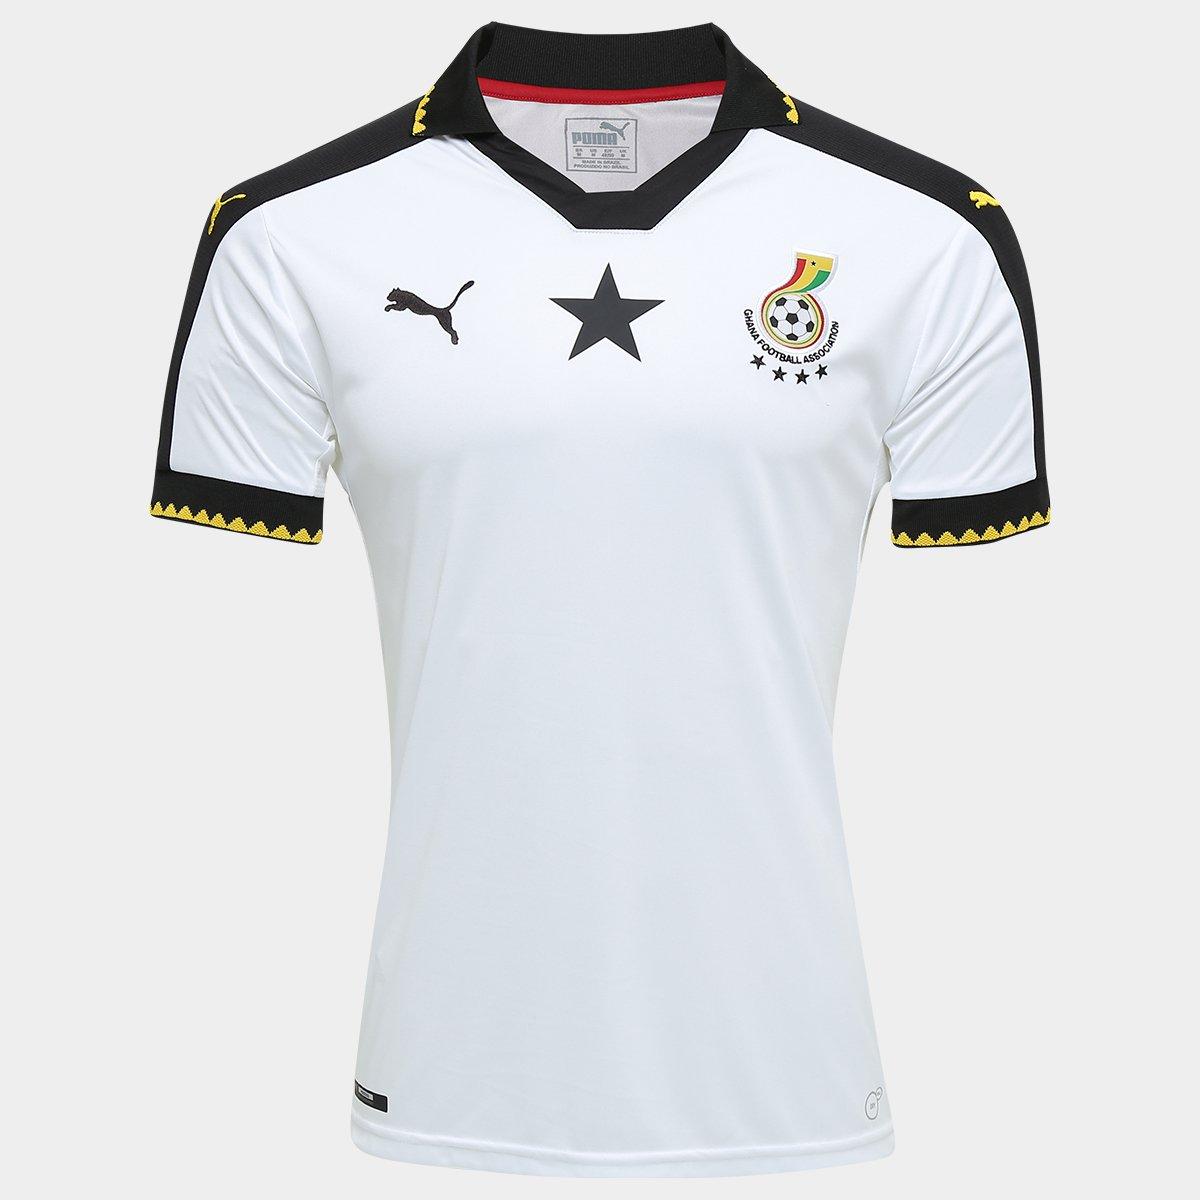 Camisa Seleção Gana Home 16 17 s nº Torcedor Puma Masculina - Compre Agora   5554f2648692d